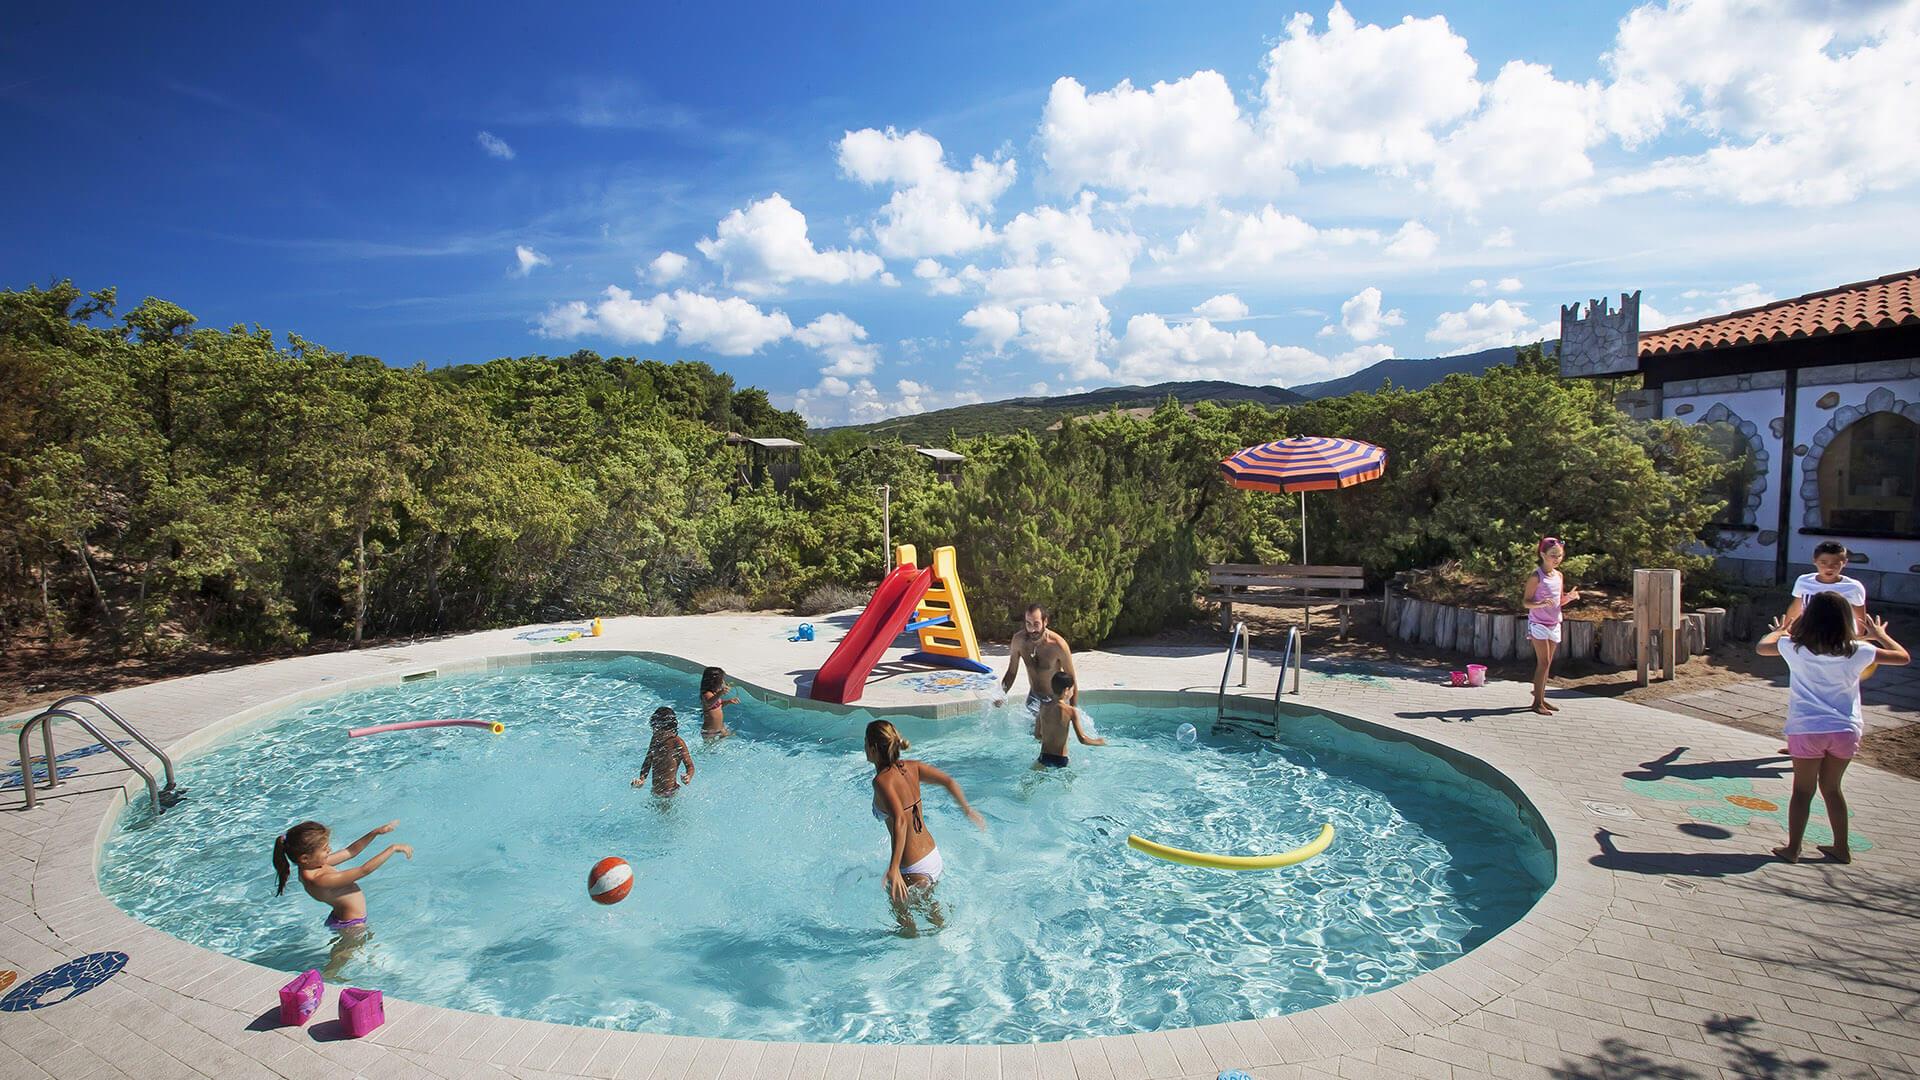 Missione vacanze con bambini piccoli in sardegna for Vacanze con bambini